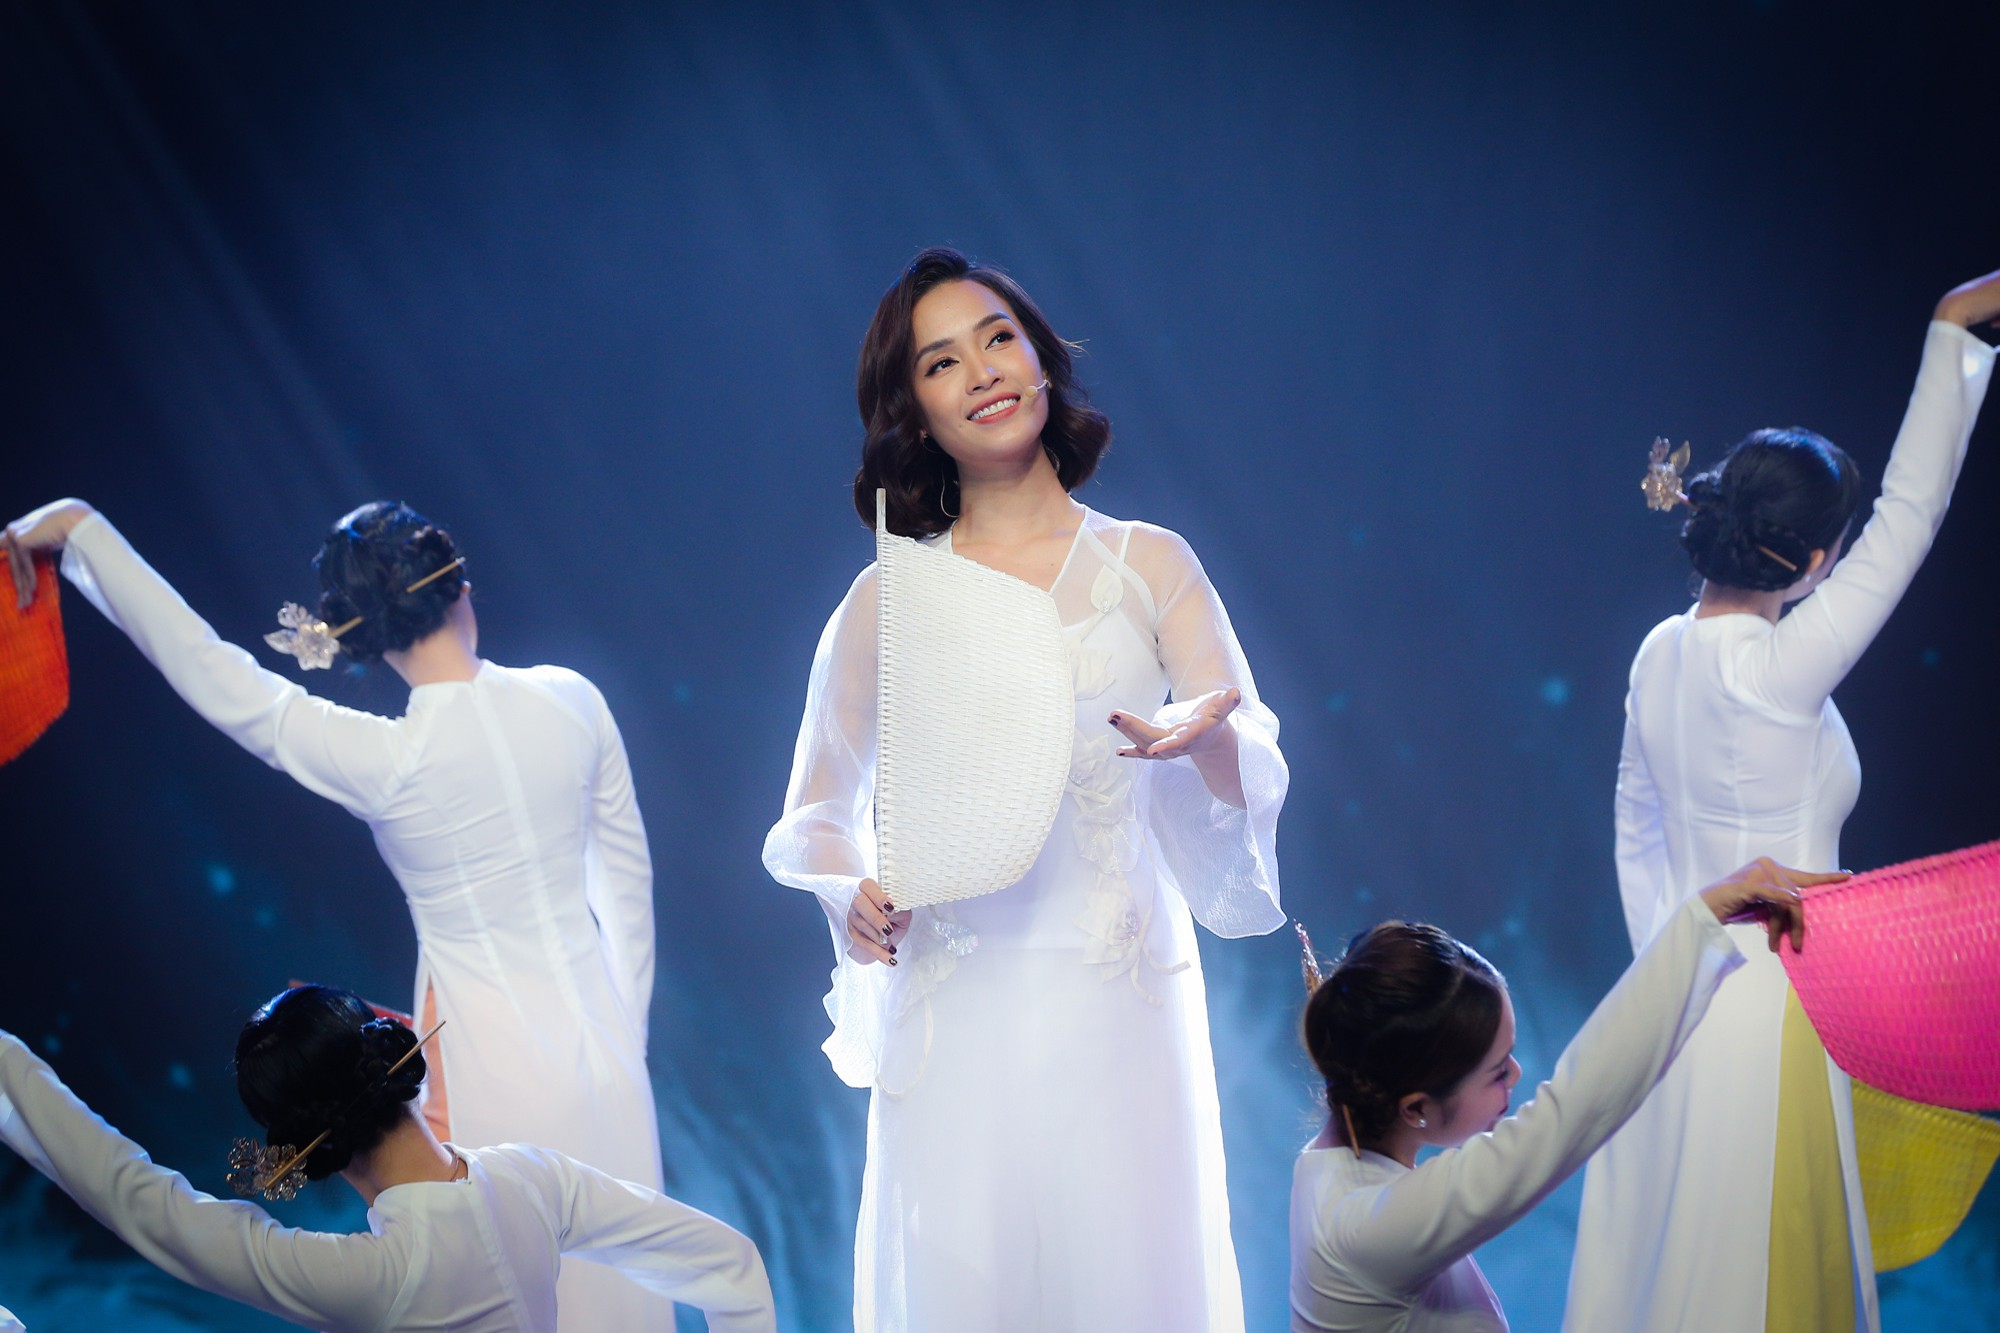 Hồ Ngọc Hà, Noo Phước Thịnh cùng hơn 30 nghệ sĩ Vpop đồng loạt quy tụ trong chương trình nhạc Xuân rộn ràng - Ảnh 8.